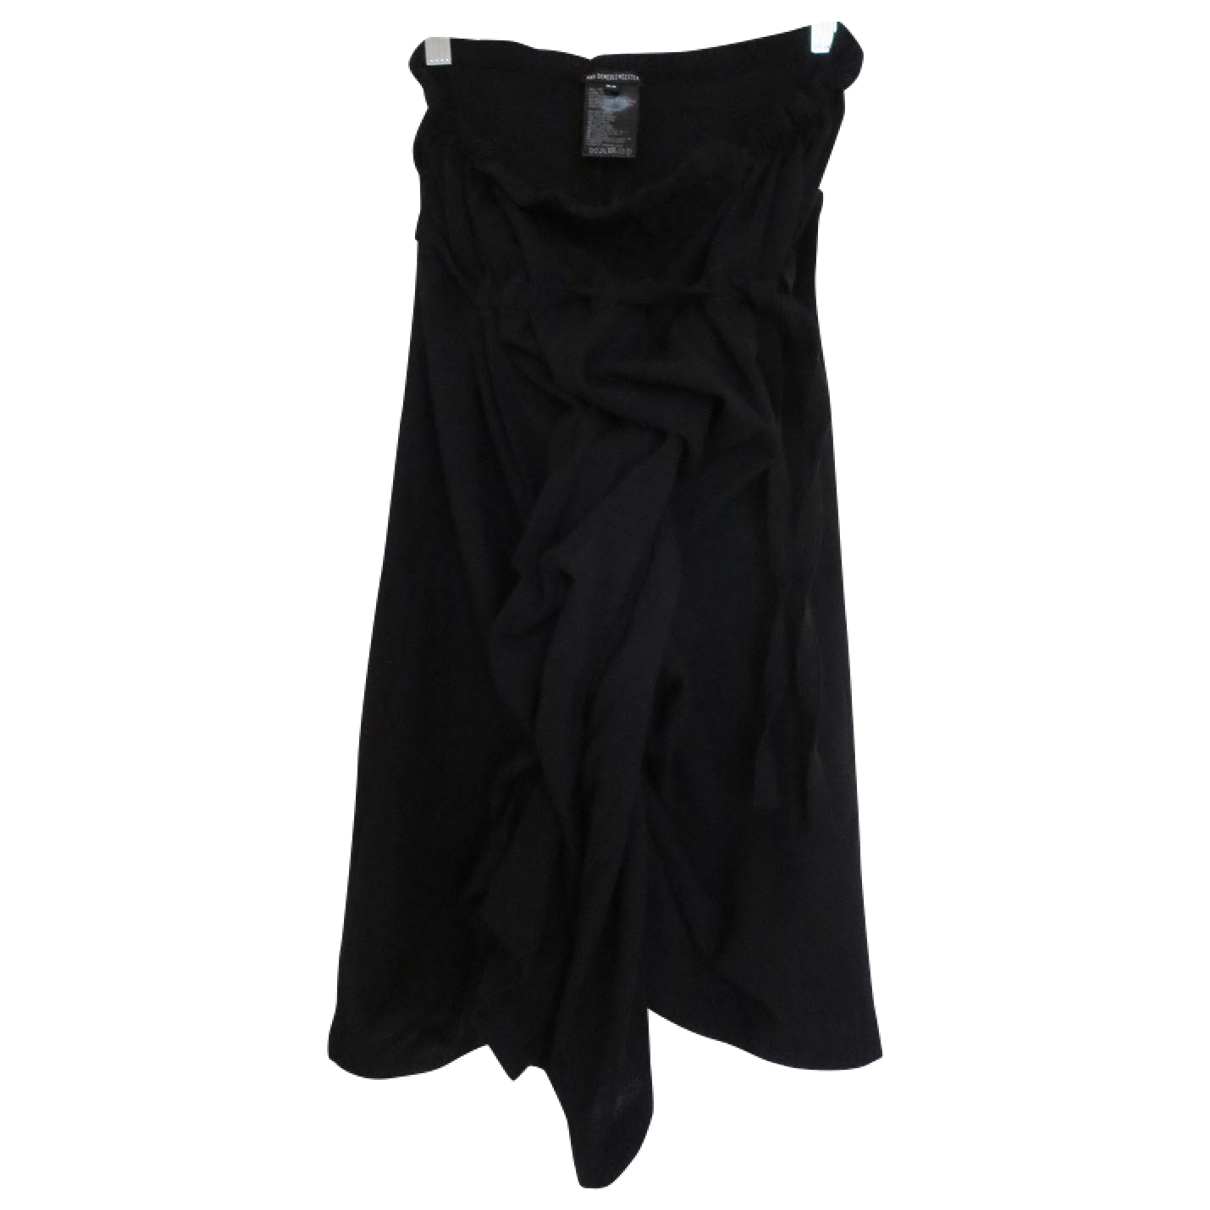 Ann Demeulemeester - Jupe   pour femme en laine - noir